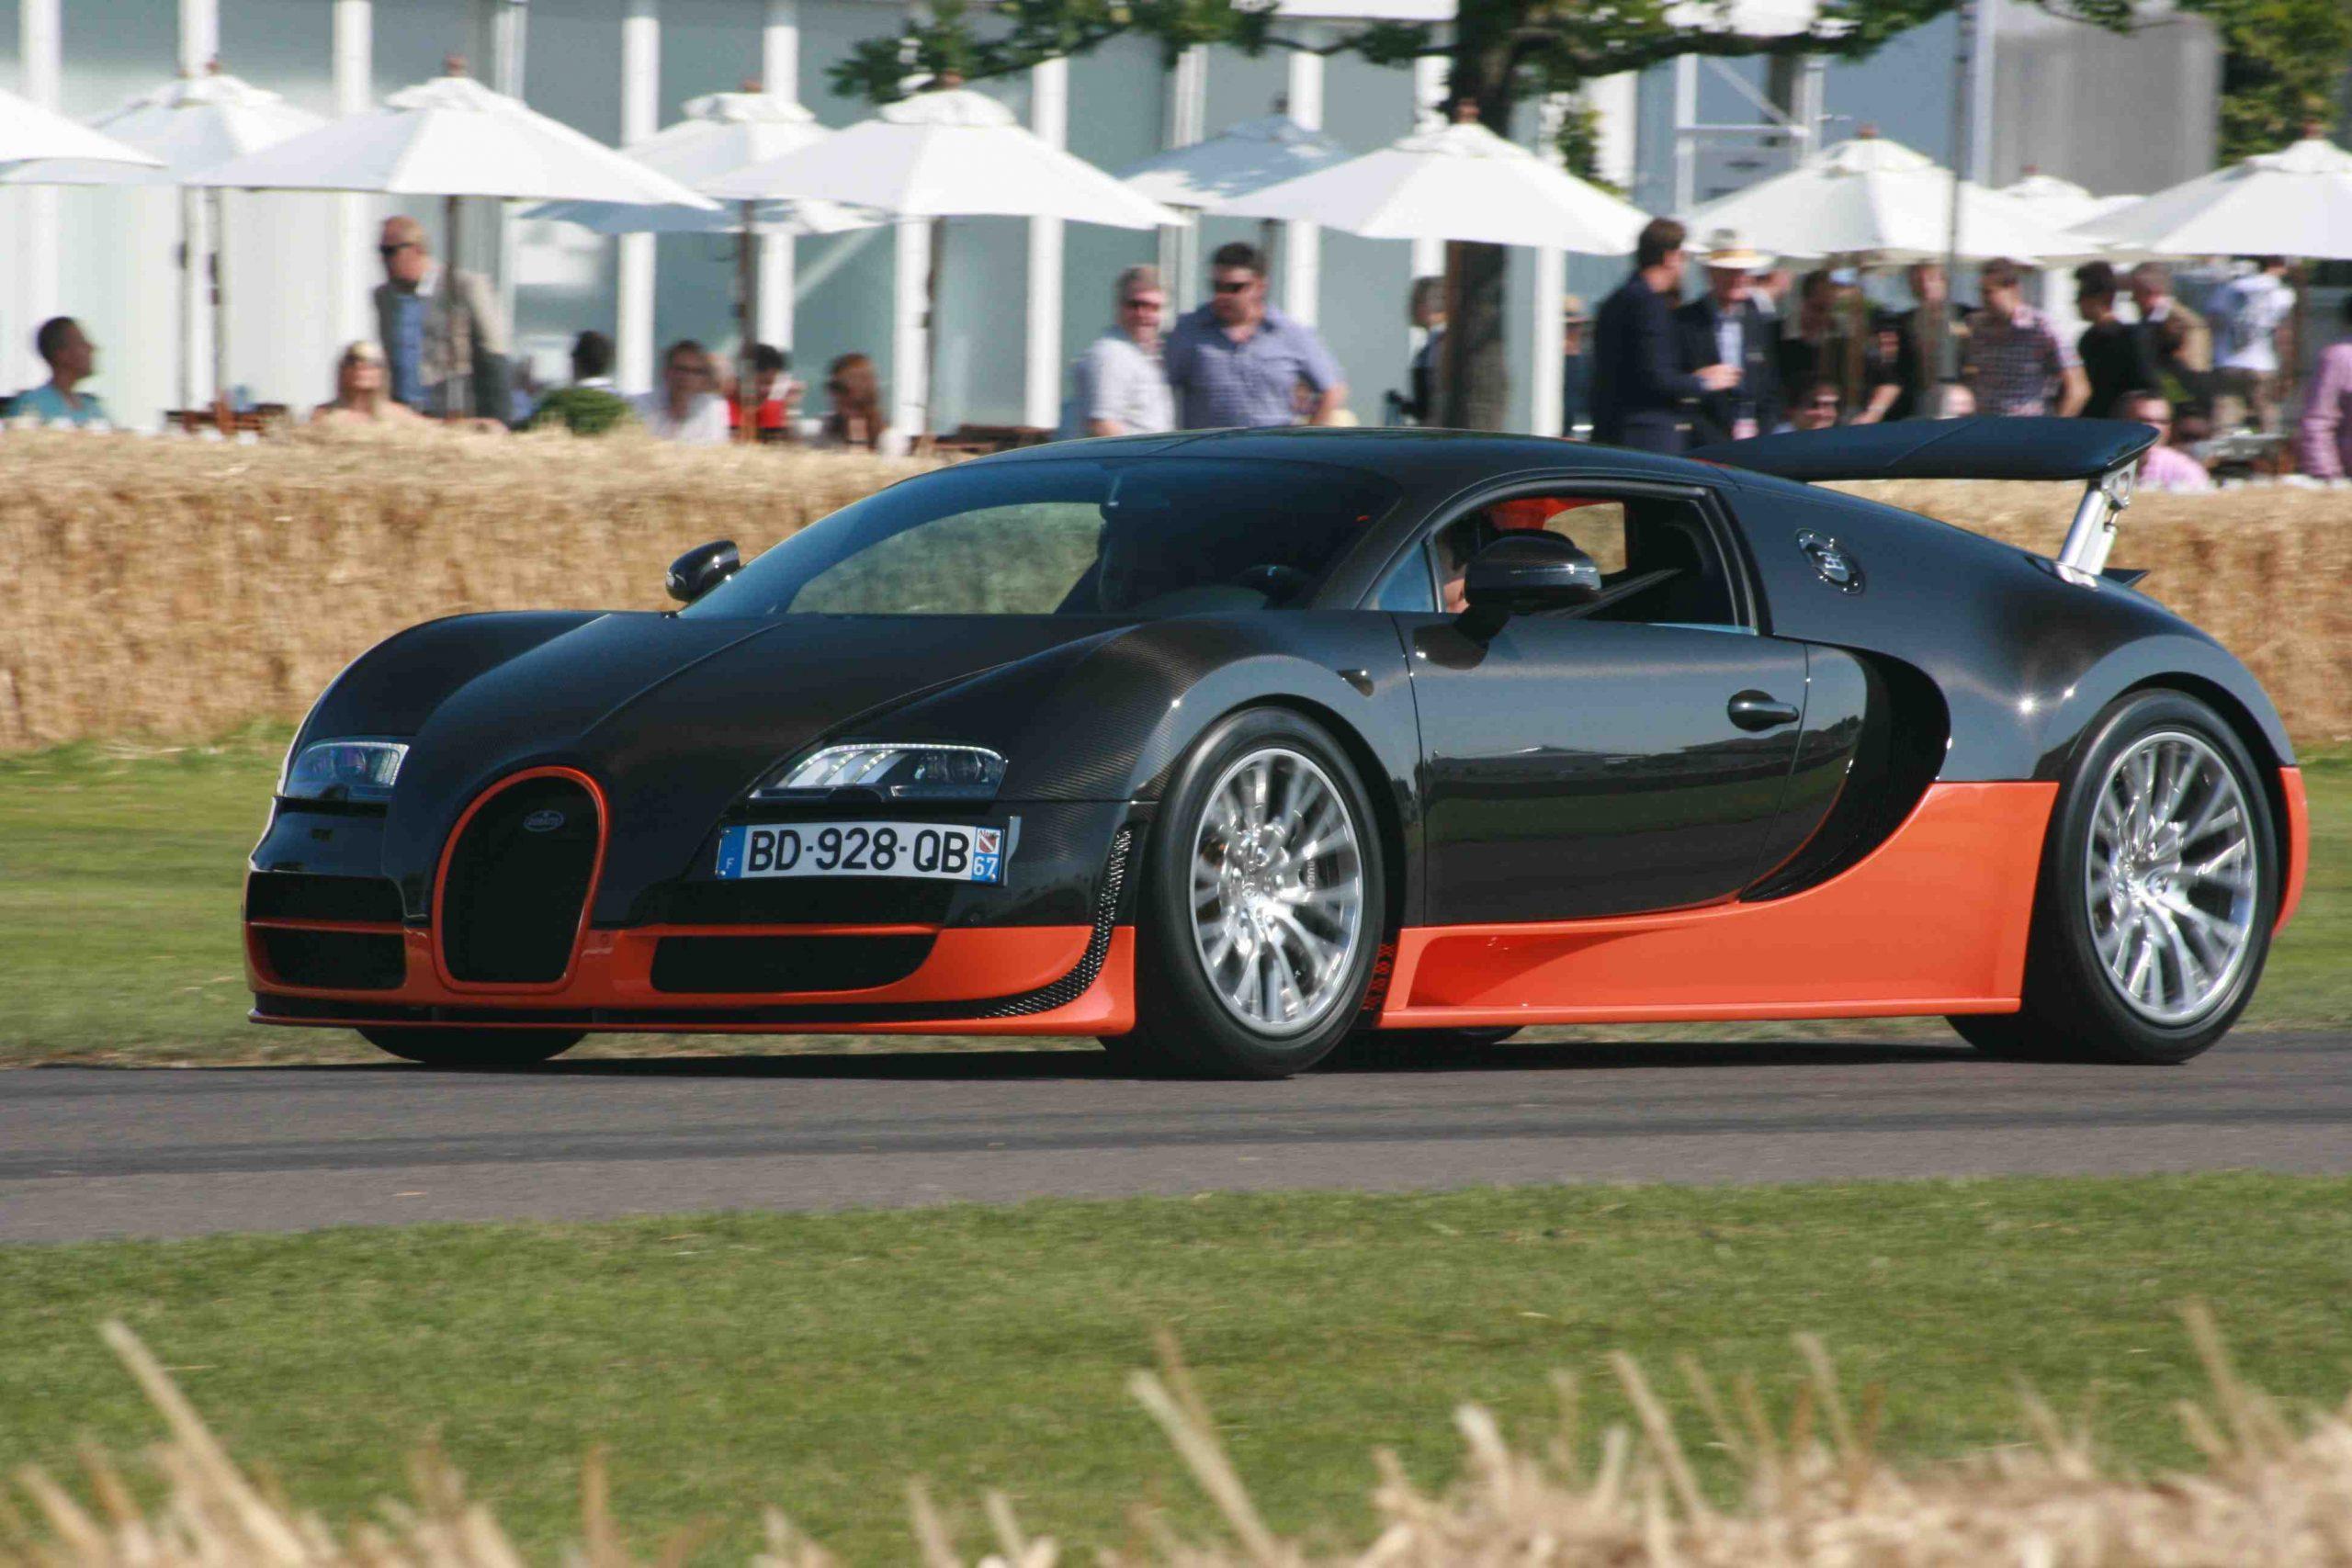 Quelle est la voiture la plus rapide en 2020?